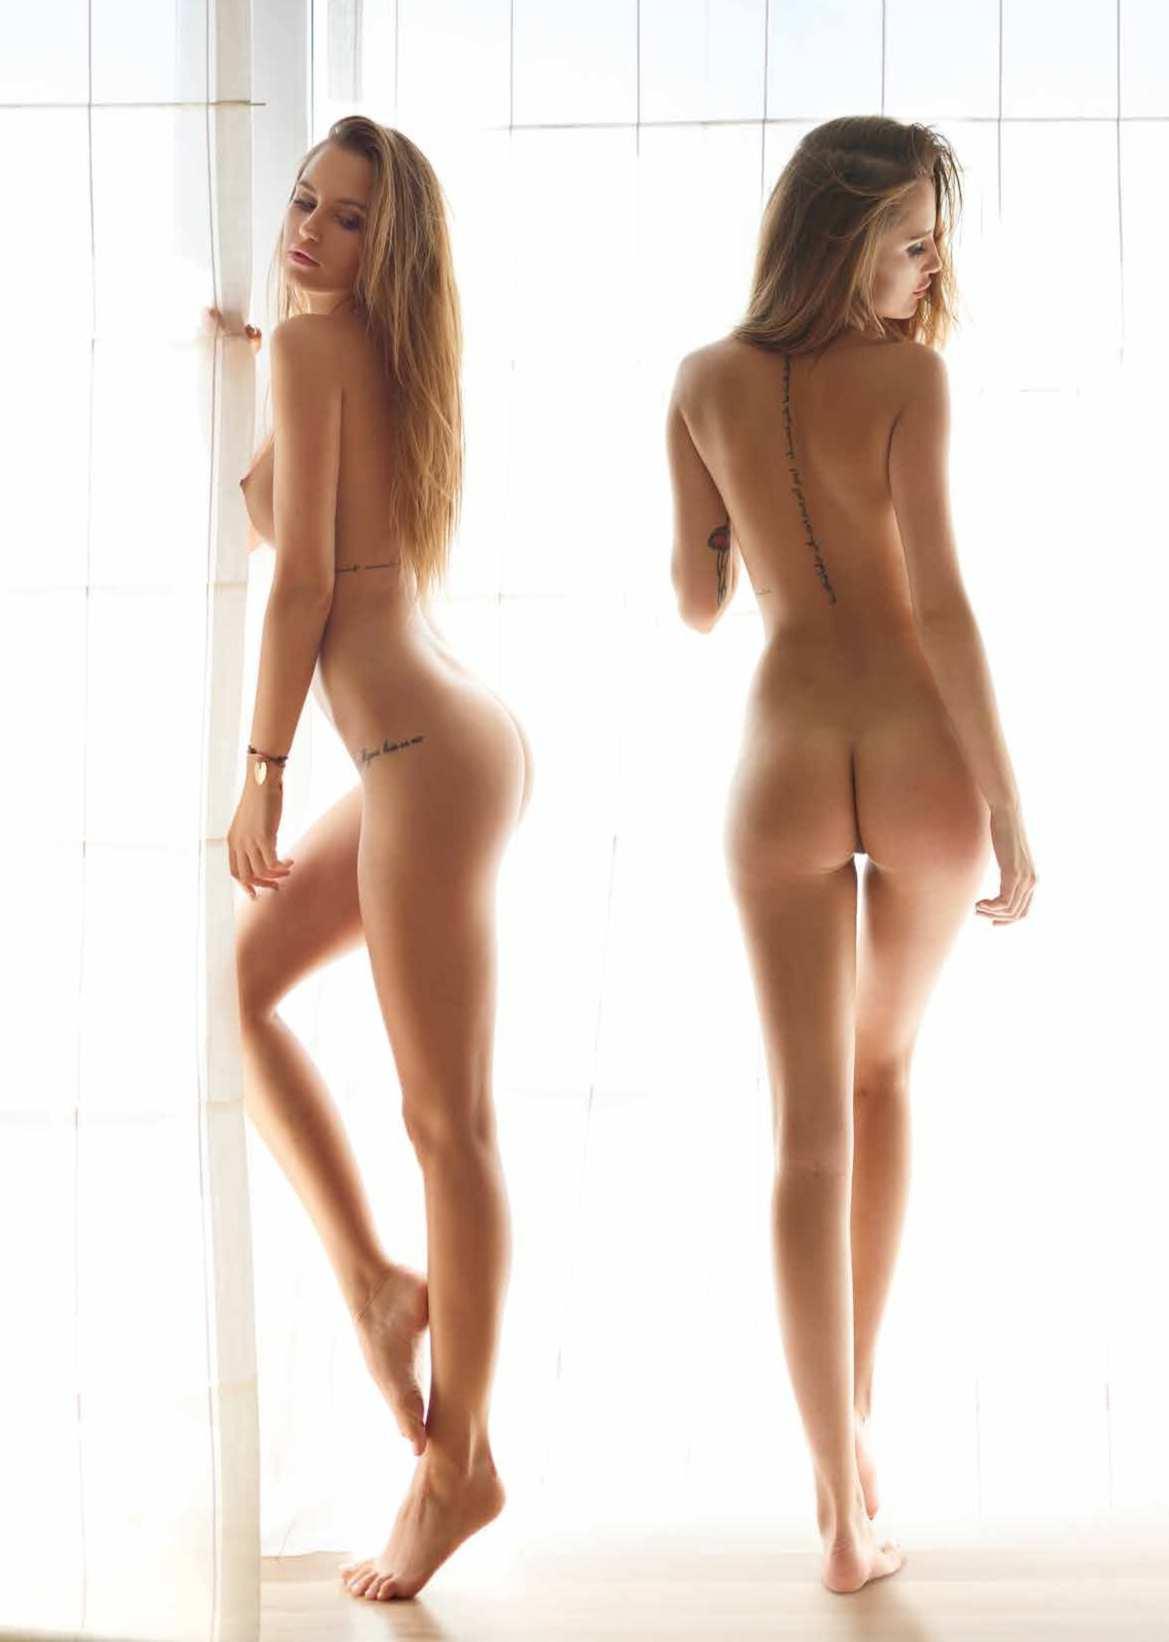 Jessy schram nakt nude